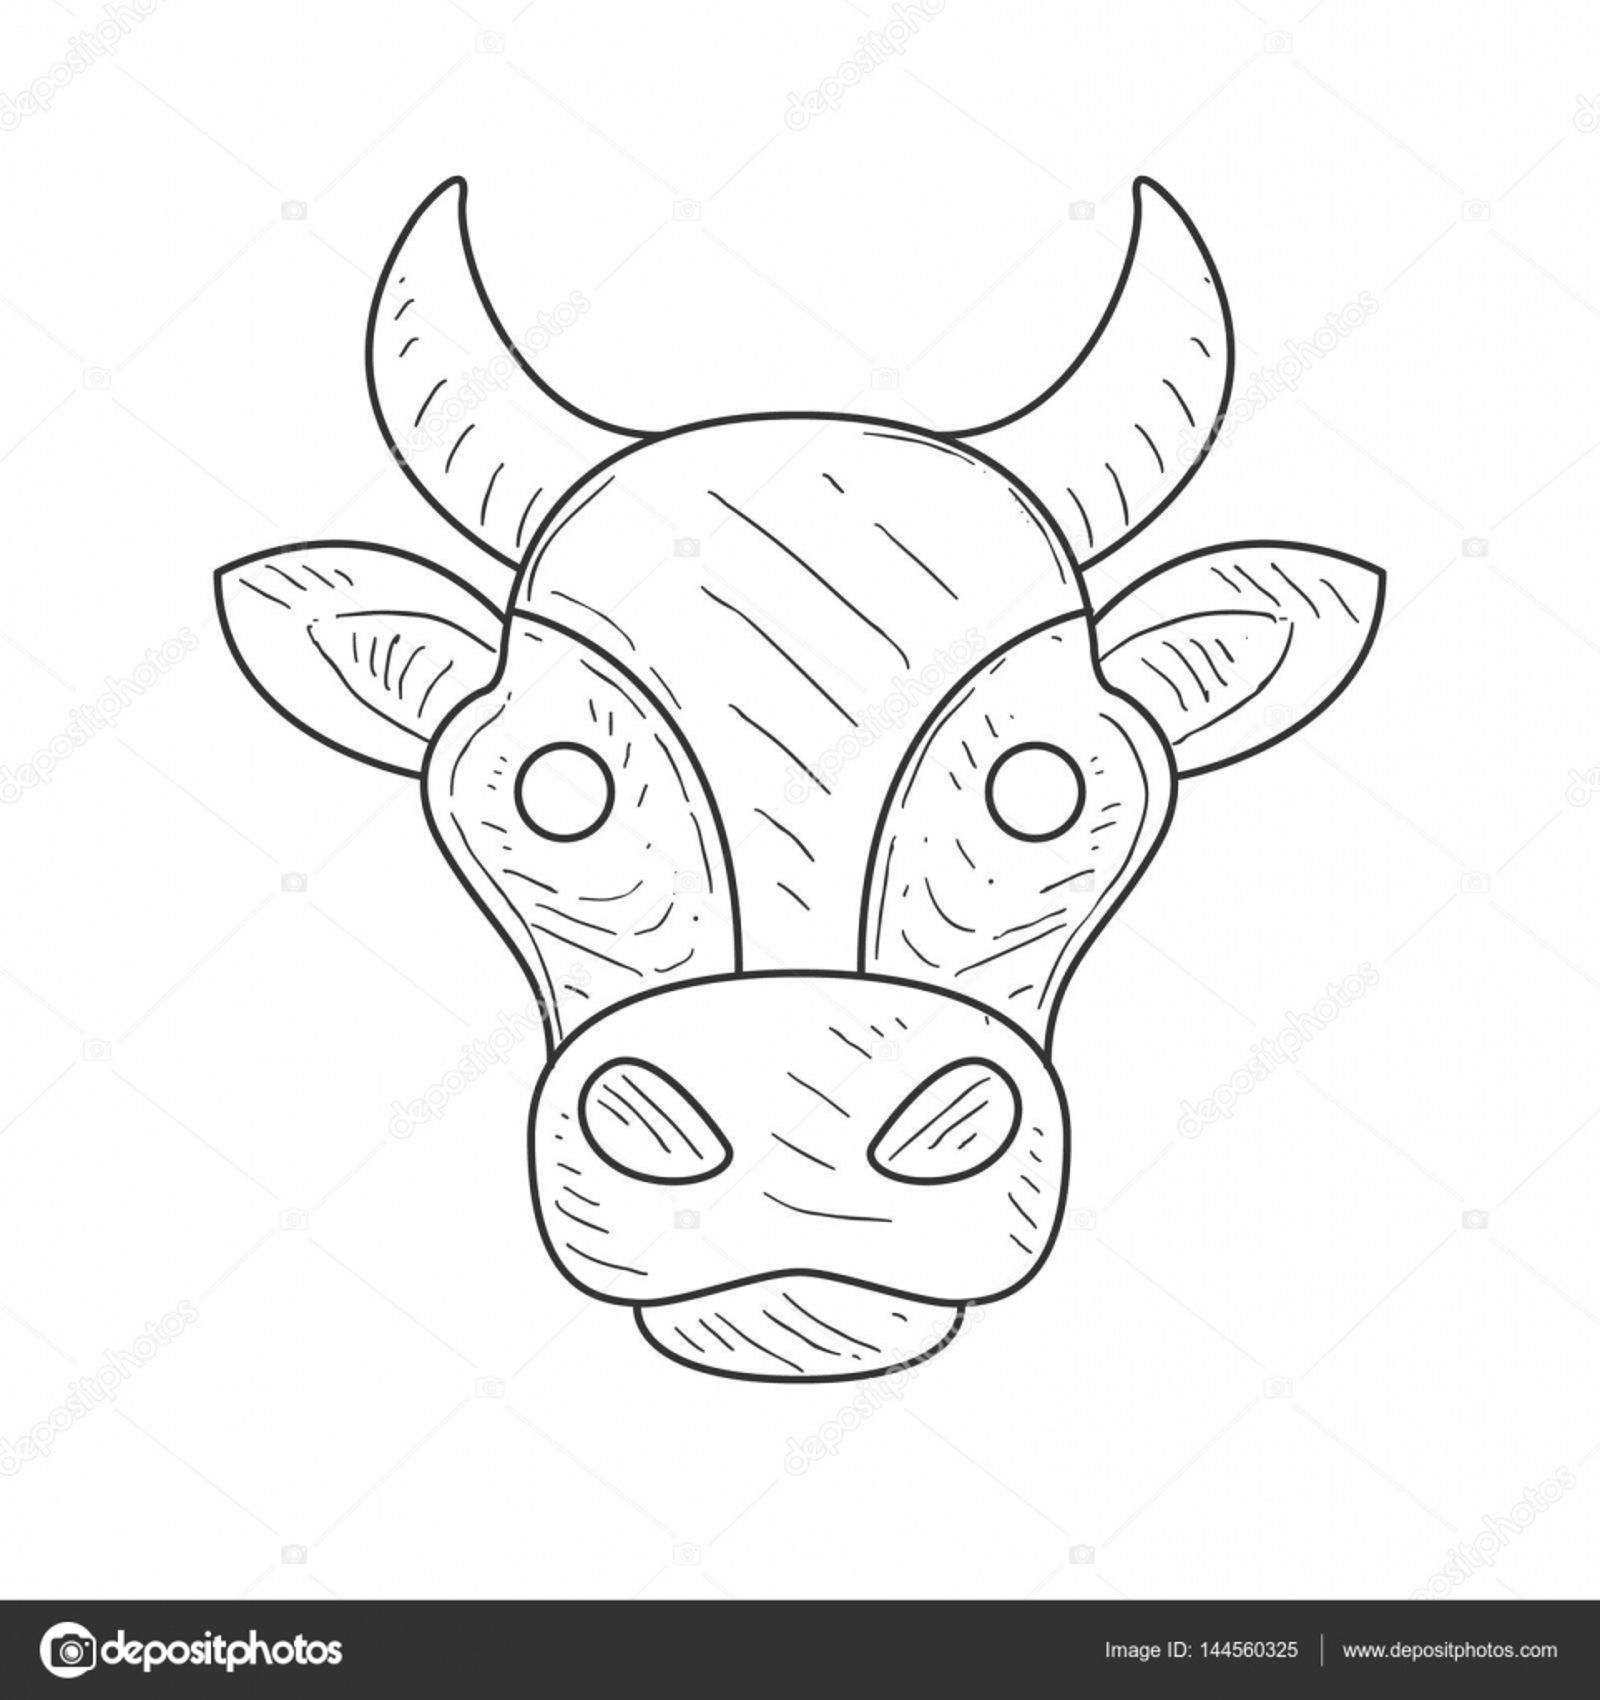 Dibujo A Lápiz Con Aislados De Vacas Cabeza En Color Blanco Y Negro